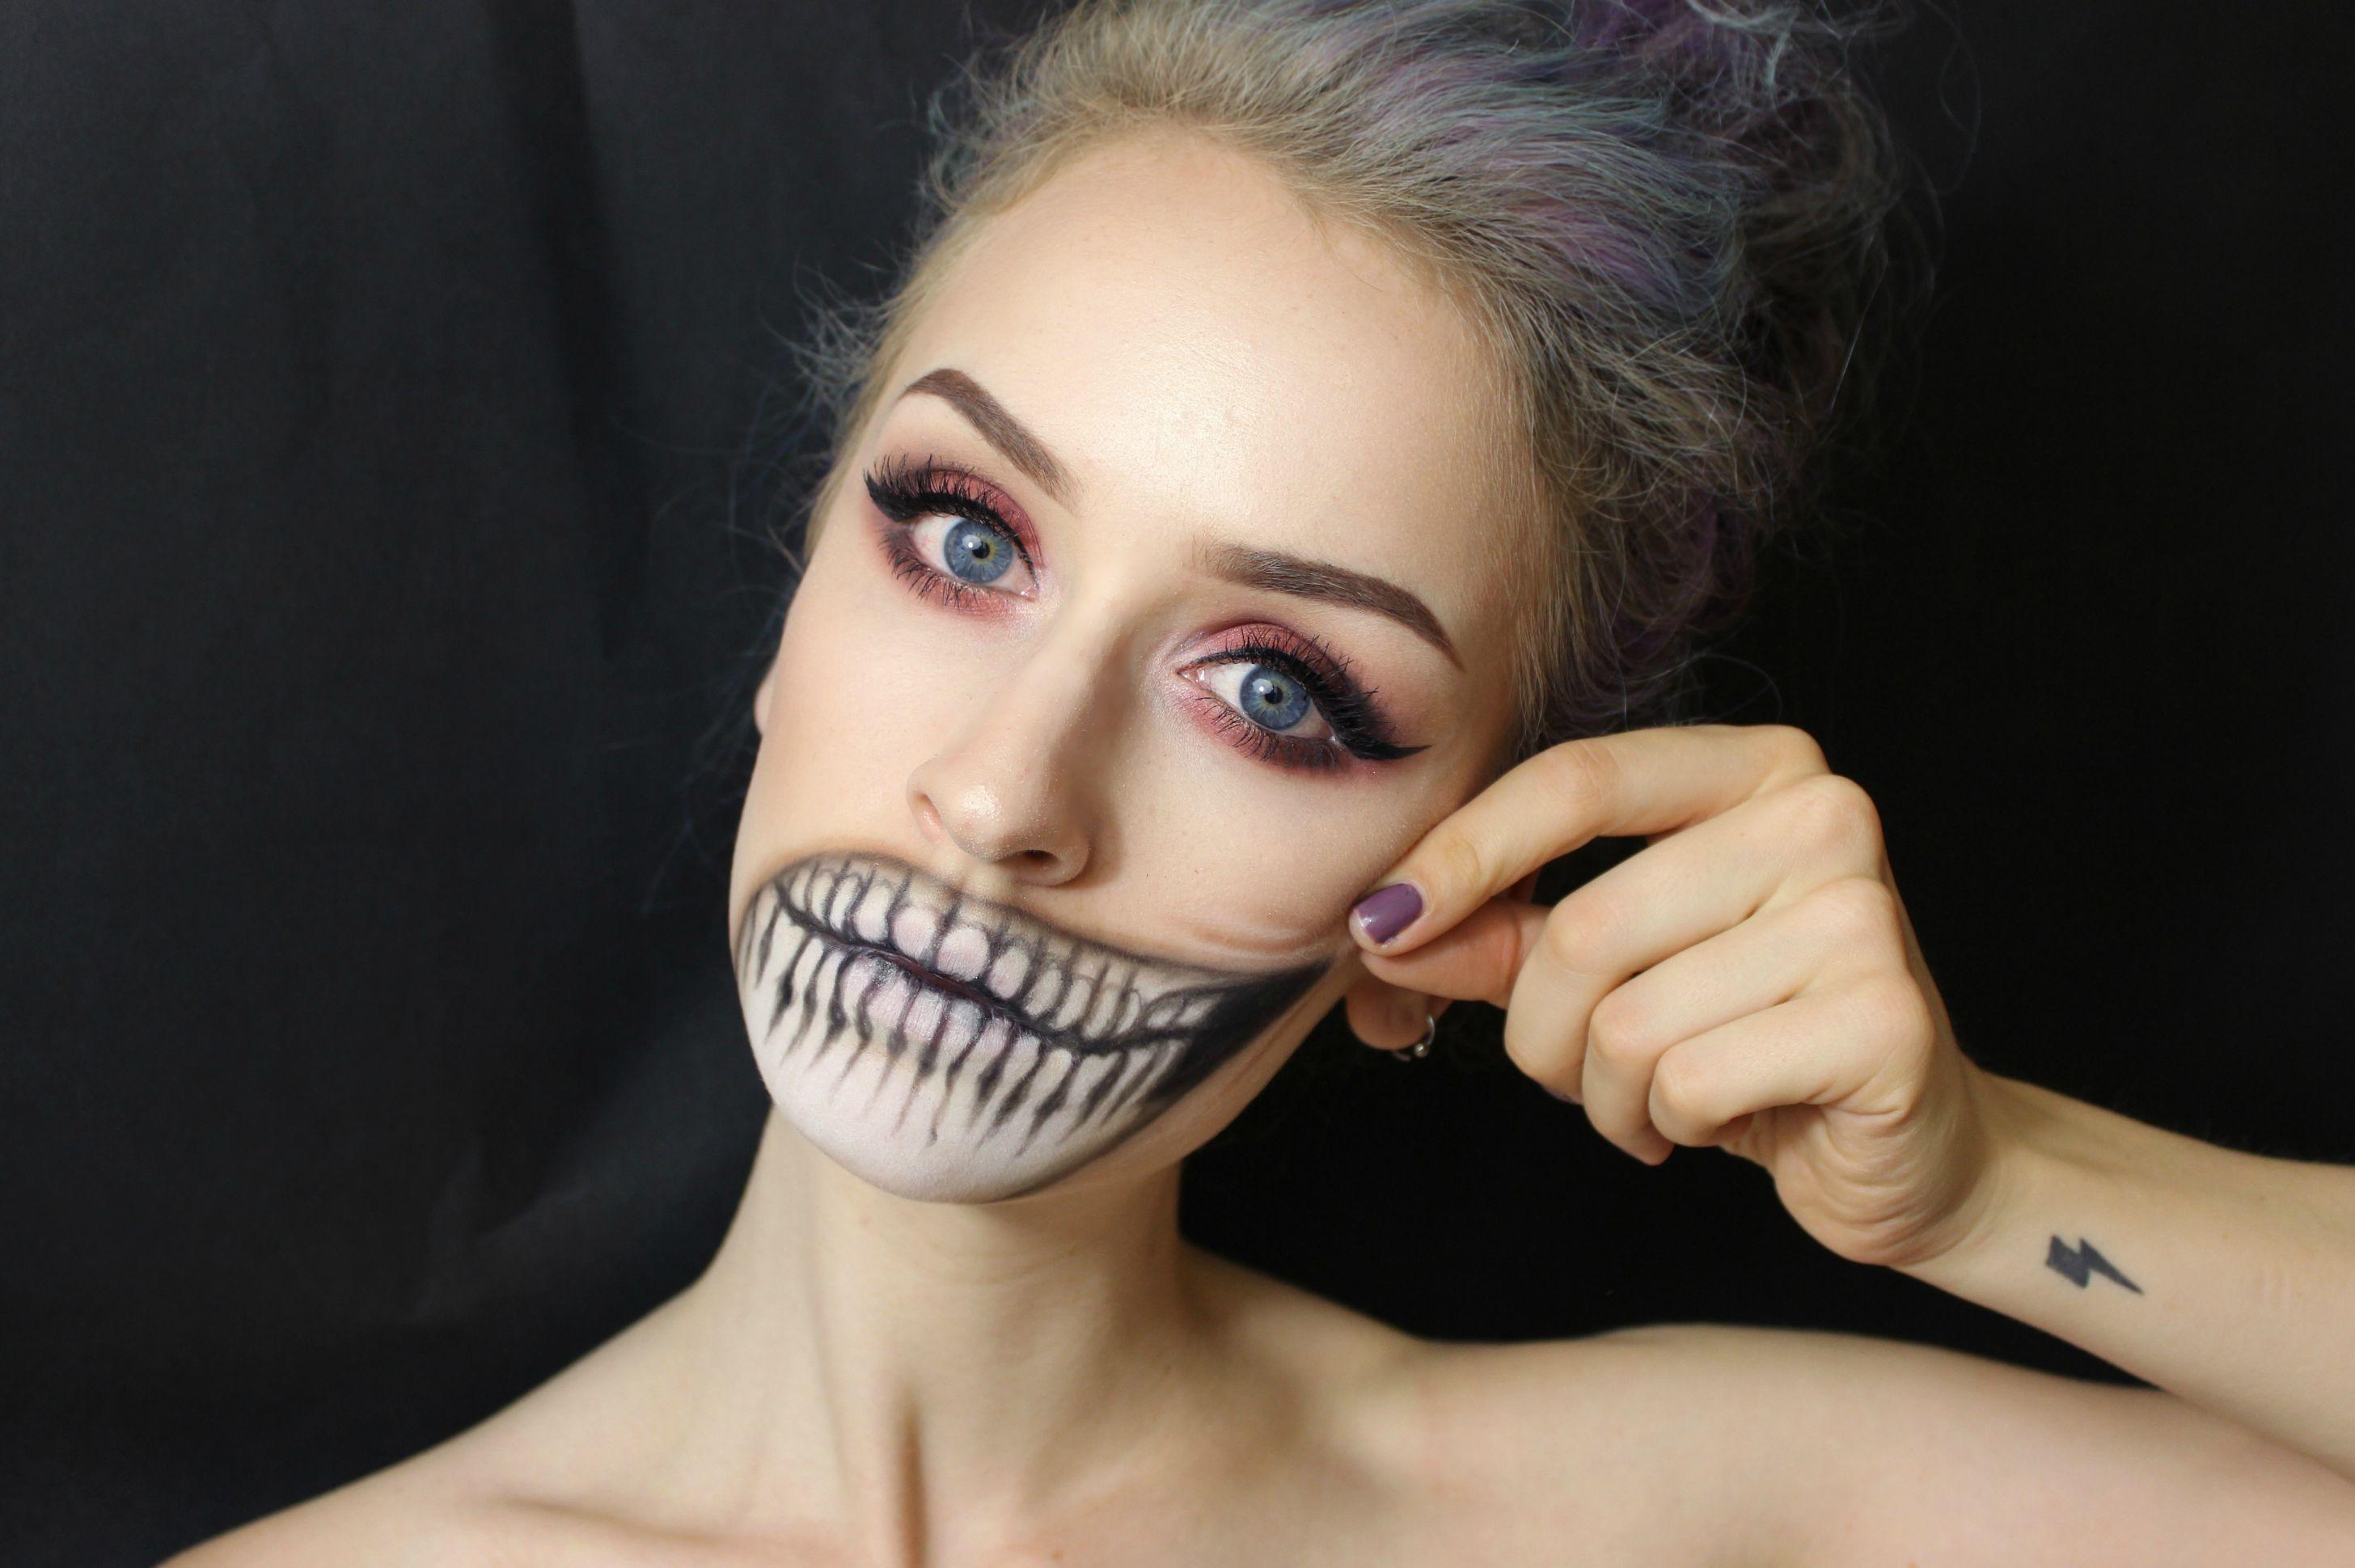 chica con maquillaje para halloween con la boca en forma de calavera - Maquillaje Halloween